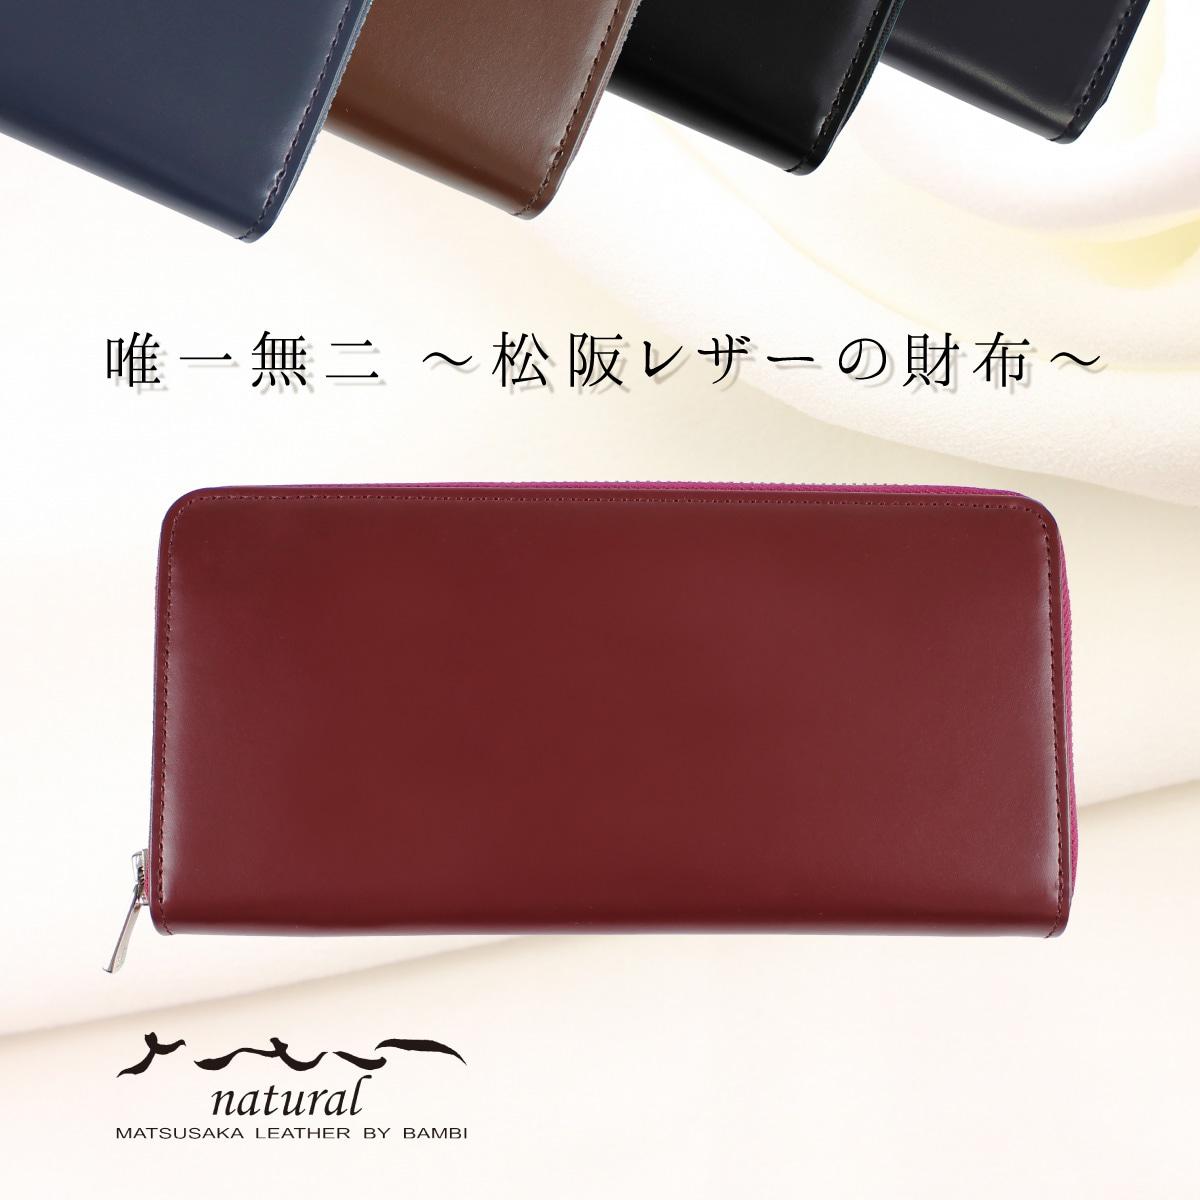 松阪レザーのプレミアム財布 さとりナチュラル ラウンドファスナー長財布 【カラー:葡萄】 開運グッズ